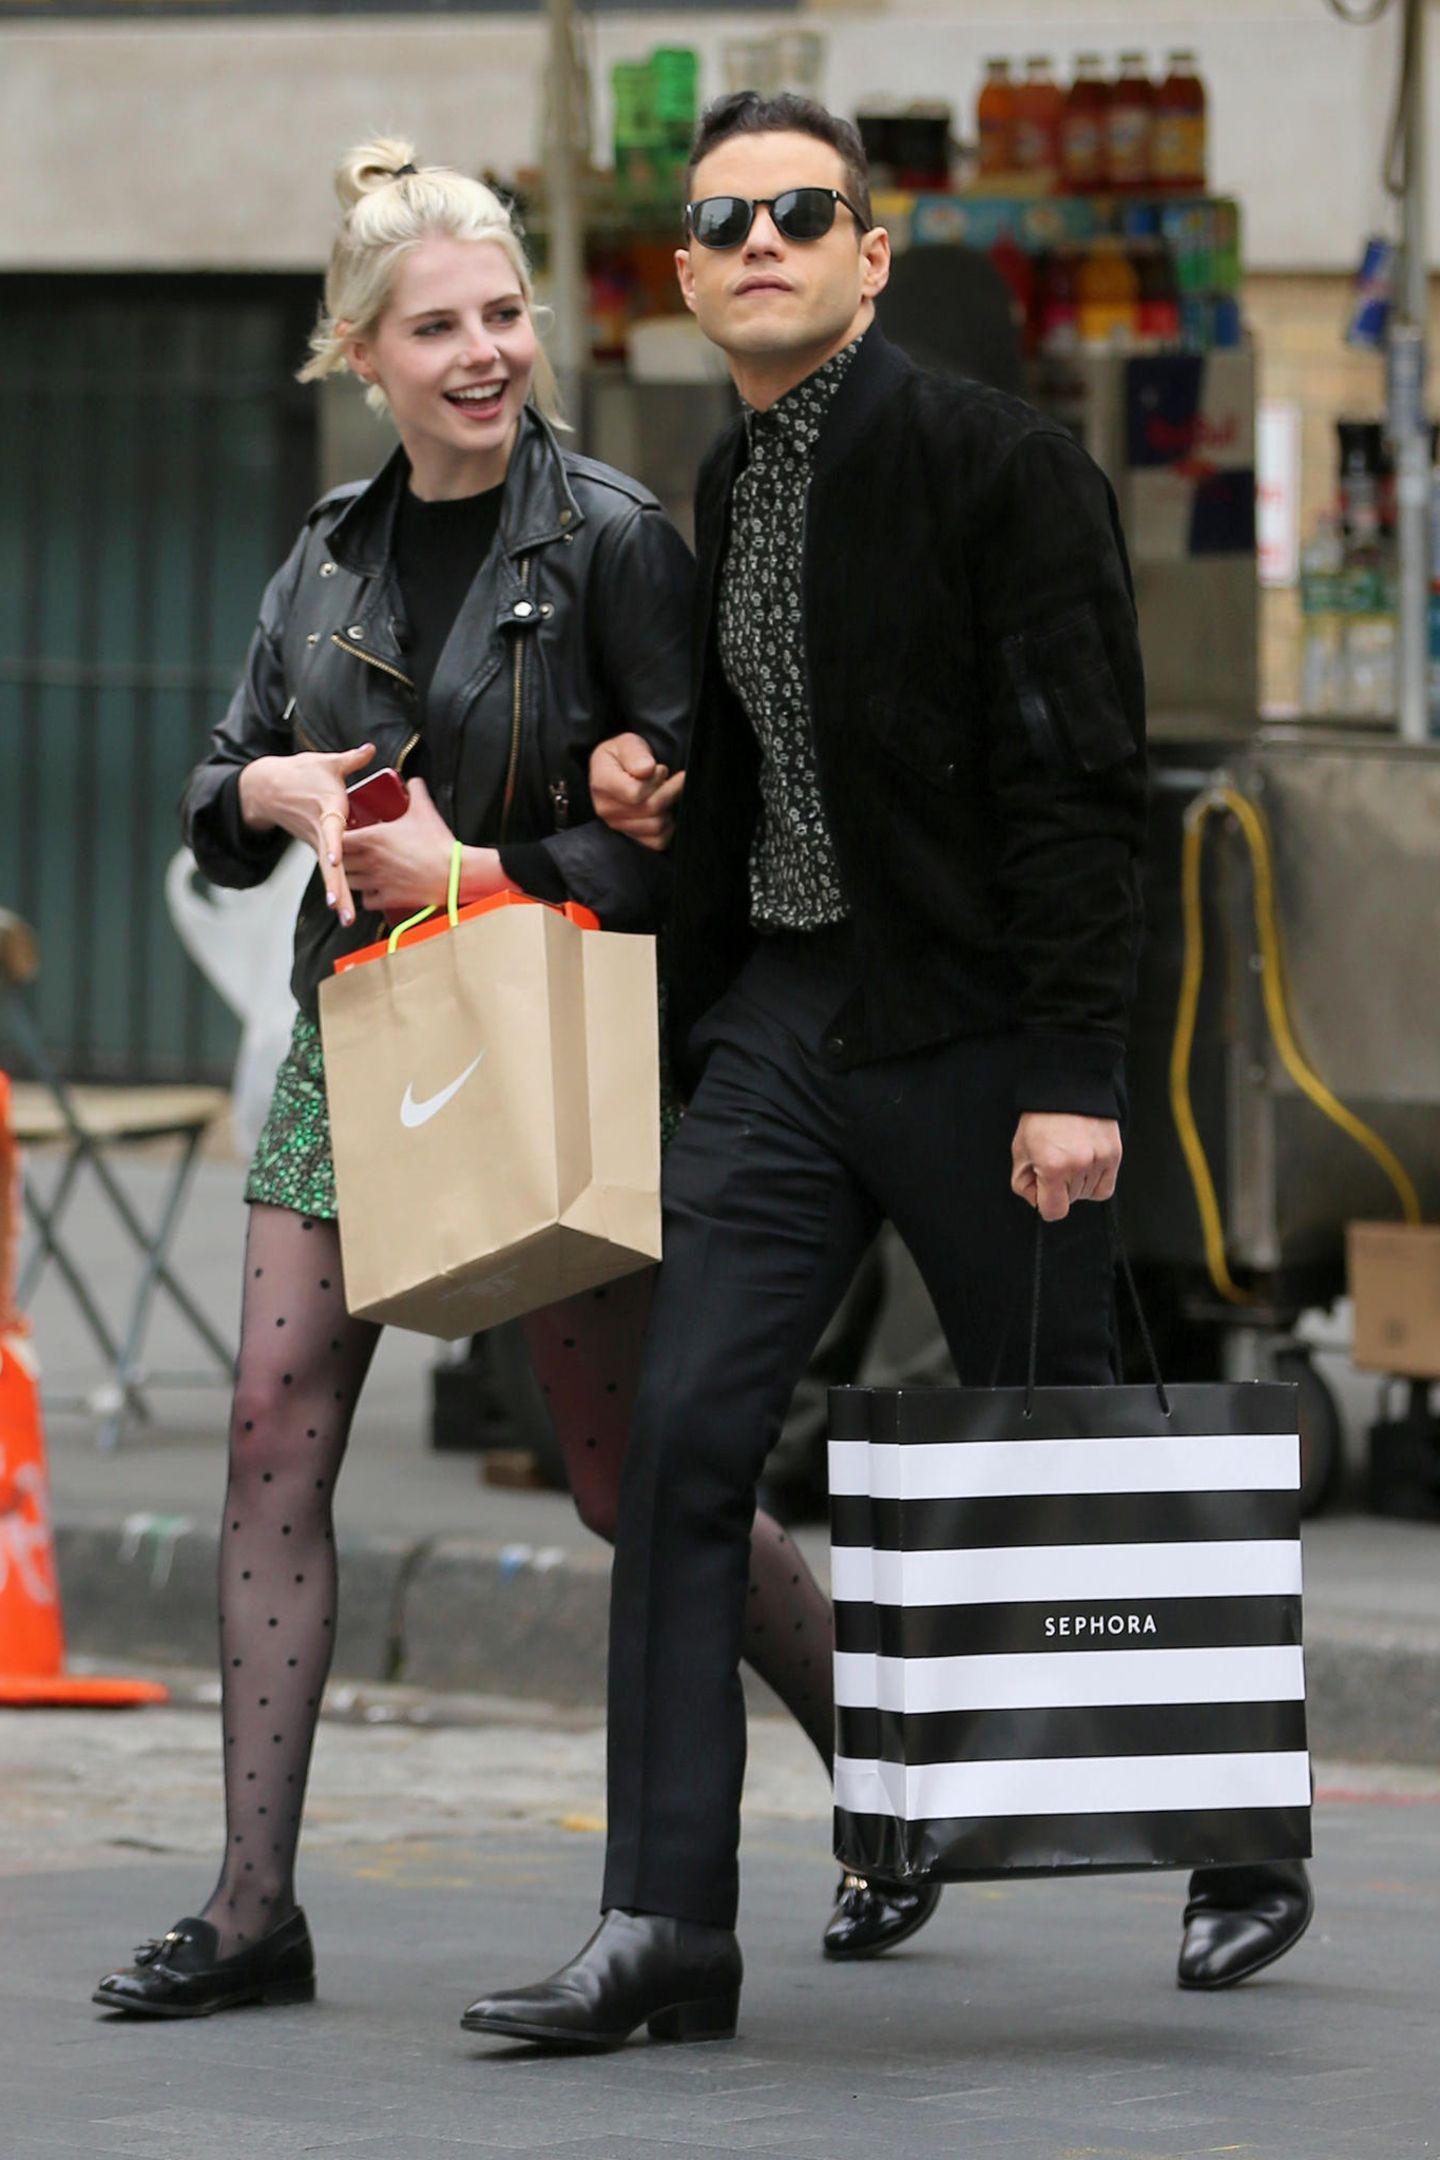 """Lucy Boynton und Rami Malek schlendern mit Einkaufstüten durch New York. Gerade erst wurde bekannt, dass der Oscar-Gewinner bald Bösewicht im neuen """"James Bond""""-Film wird - ob die beiden sich hier für kommende Premieren und Auftritte ausstatten?"""